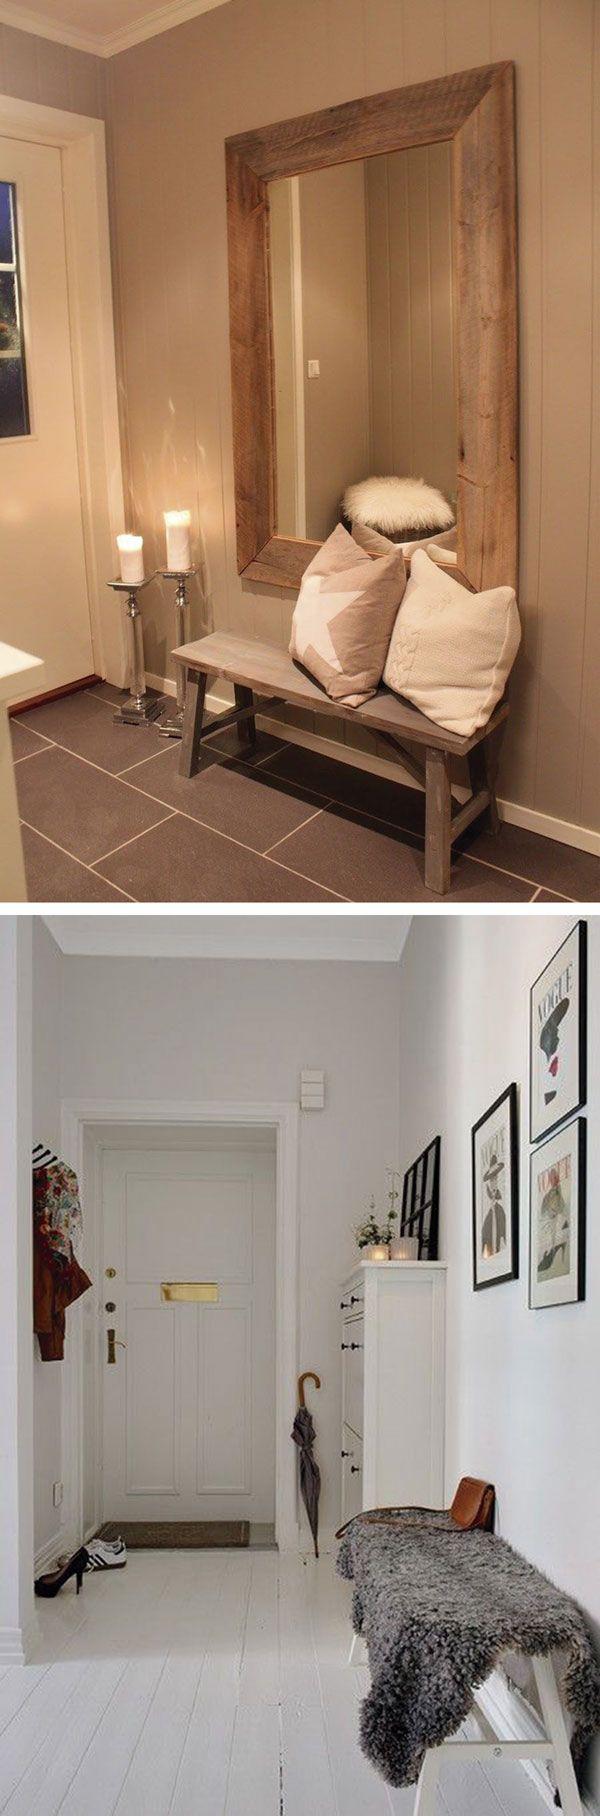 Las 25 mejores ideas sobre entrada moderna en pinterest - Entradas y pasillos ...